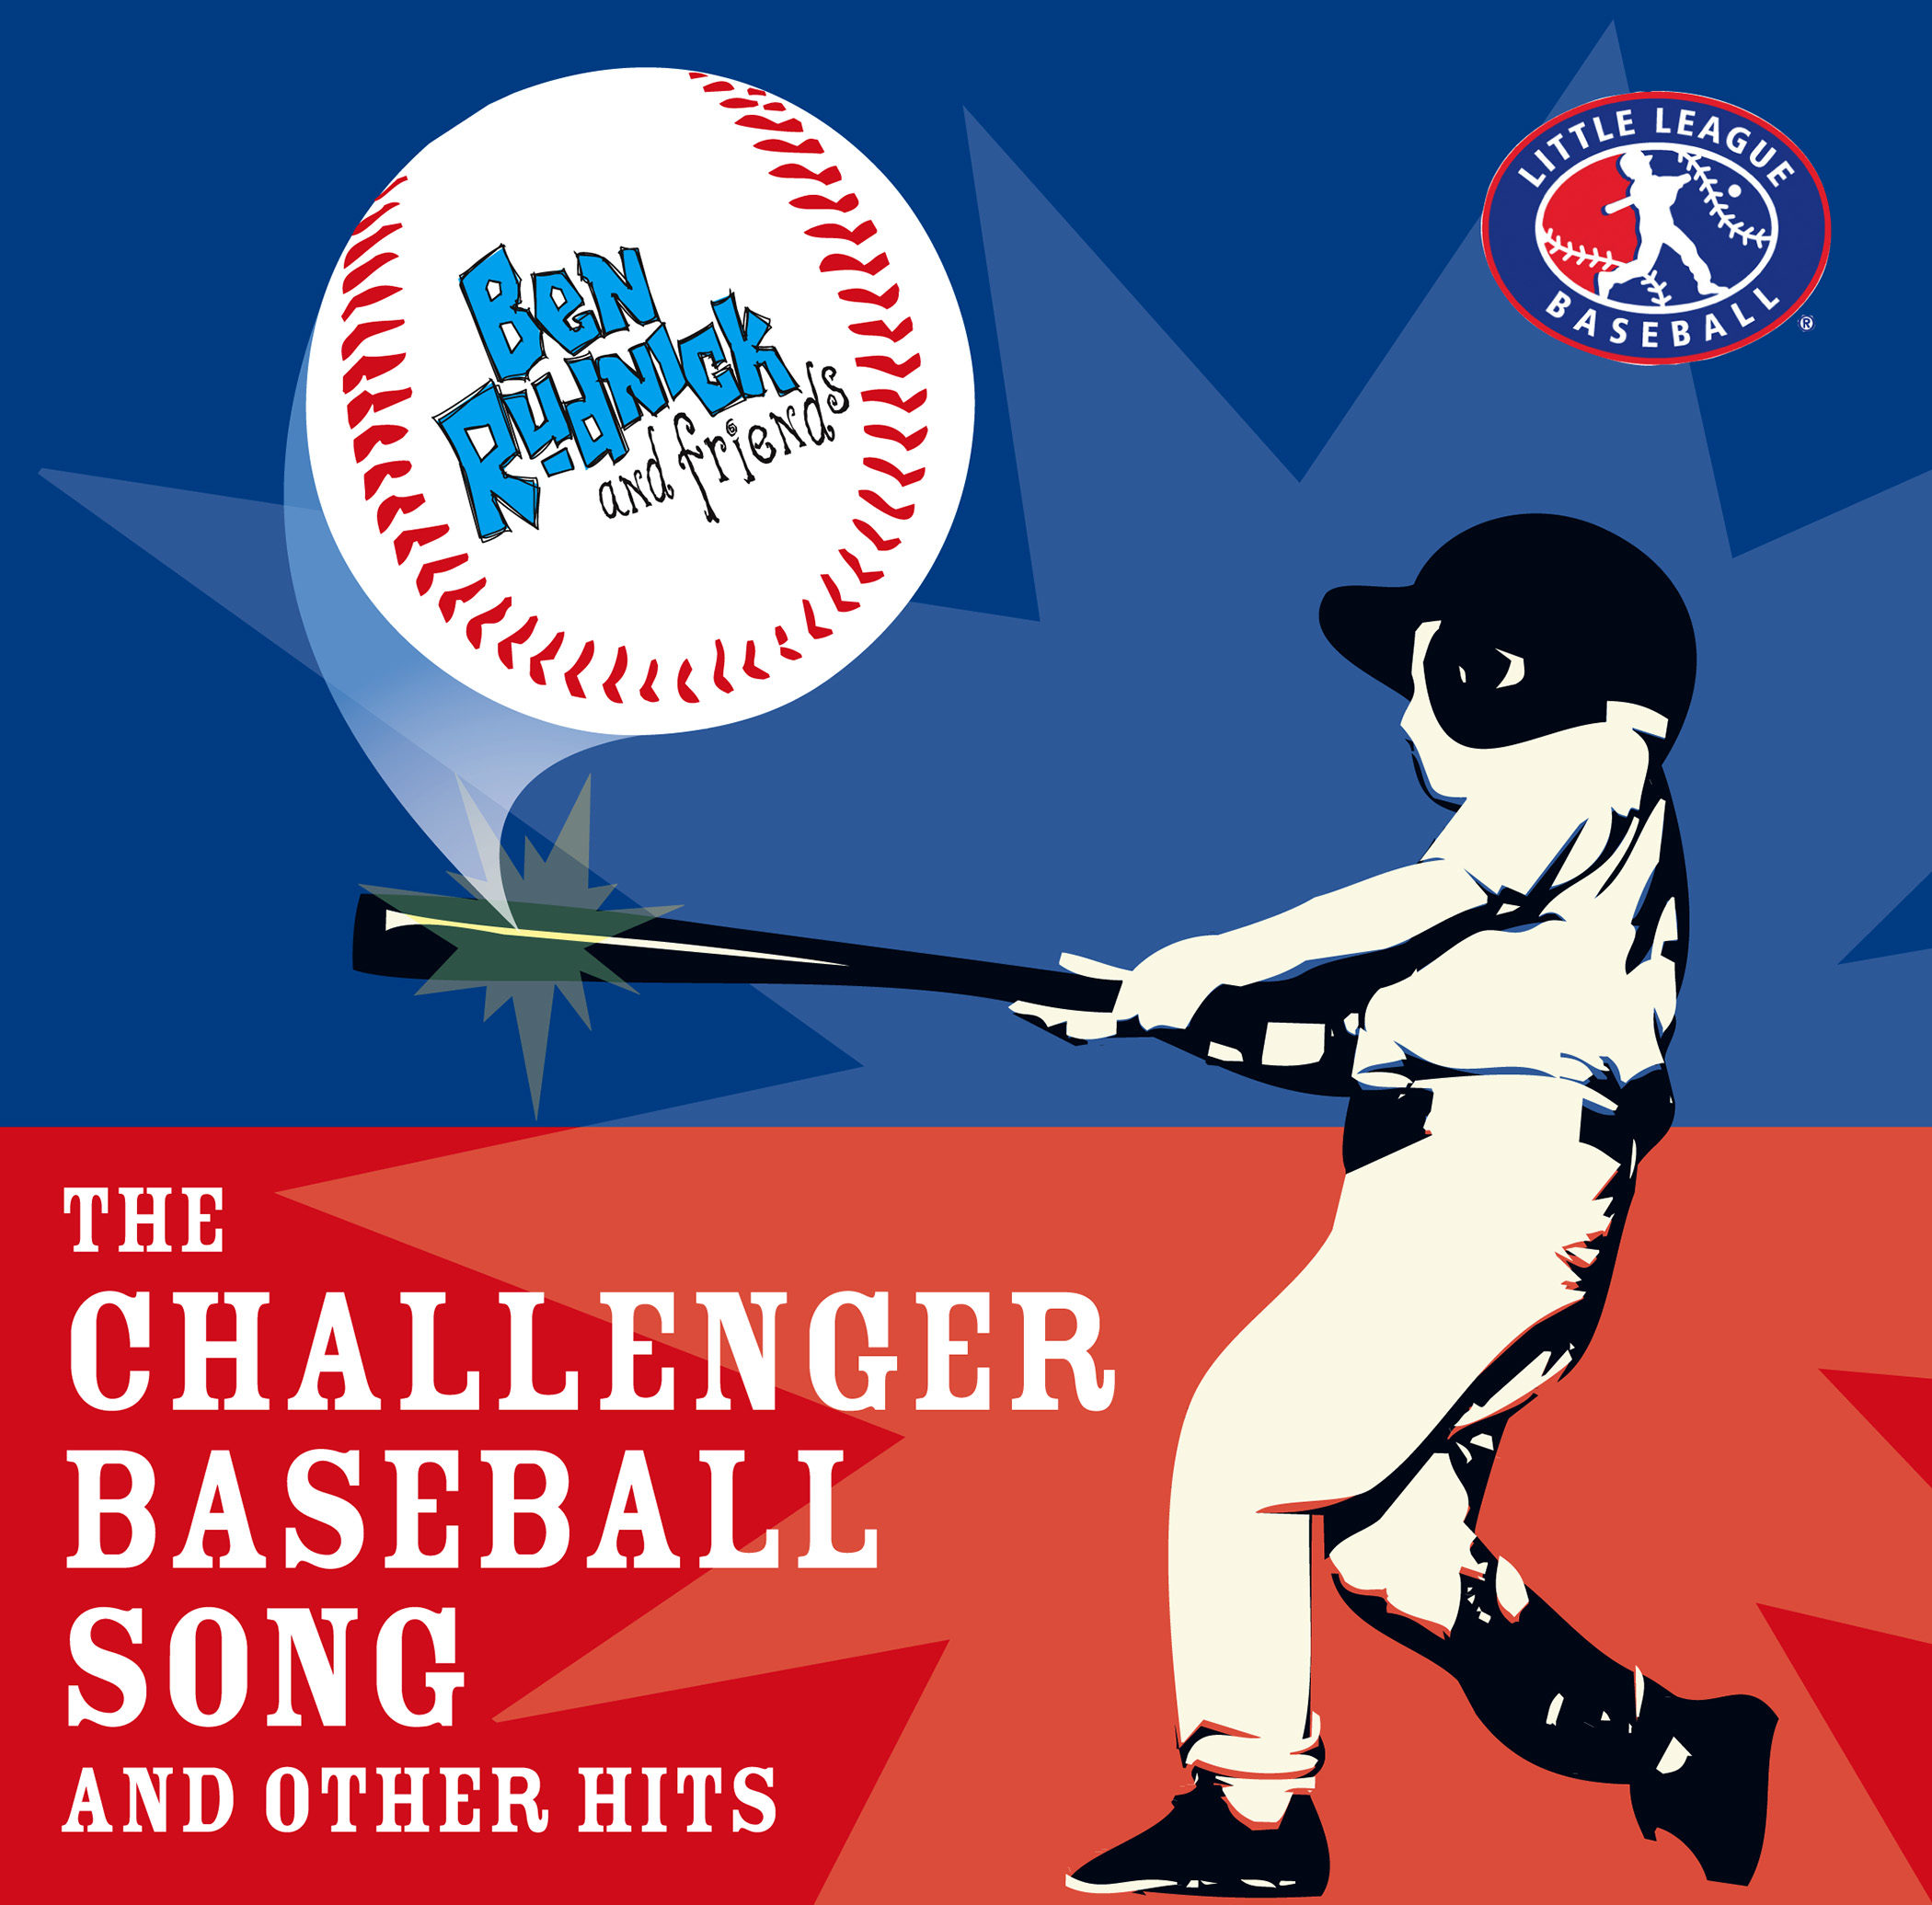 The Challenger Baseball Song